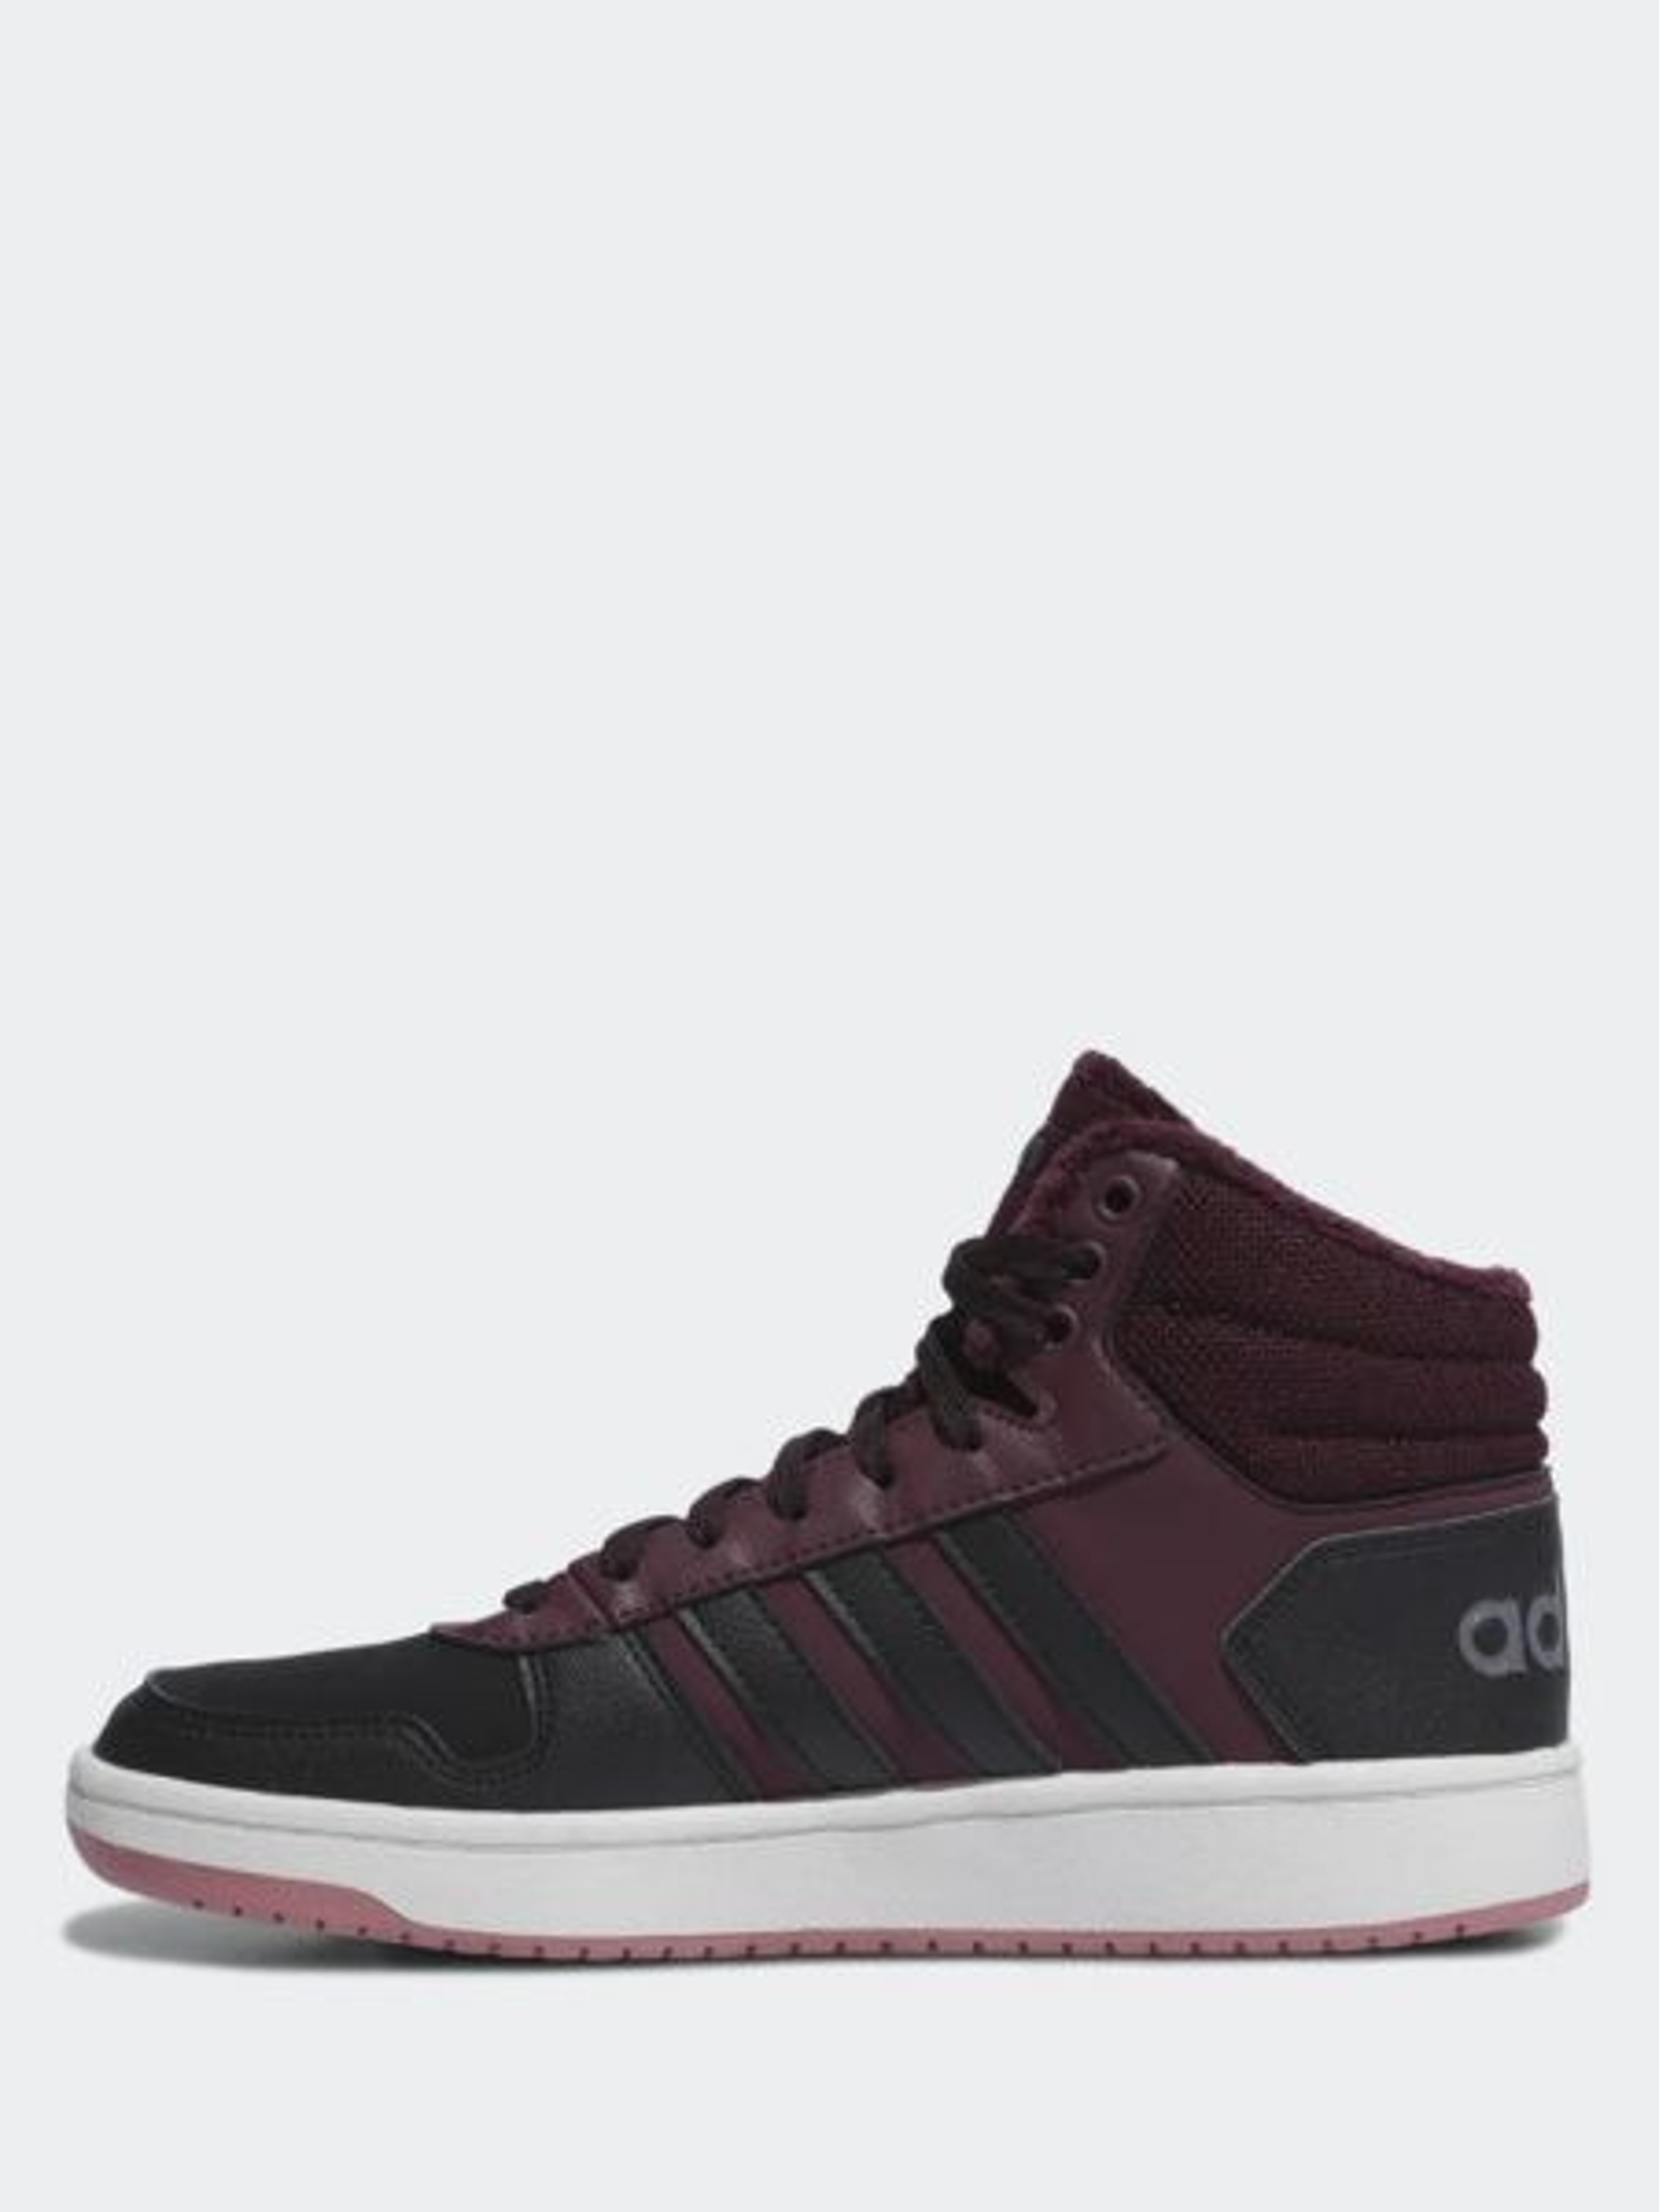 Кроссовки для женщин Adidas HOOPS 2.0 MID CN153 купить в Интертоп, 2017